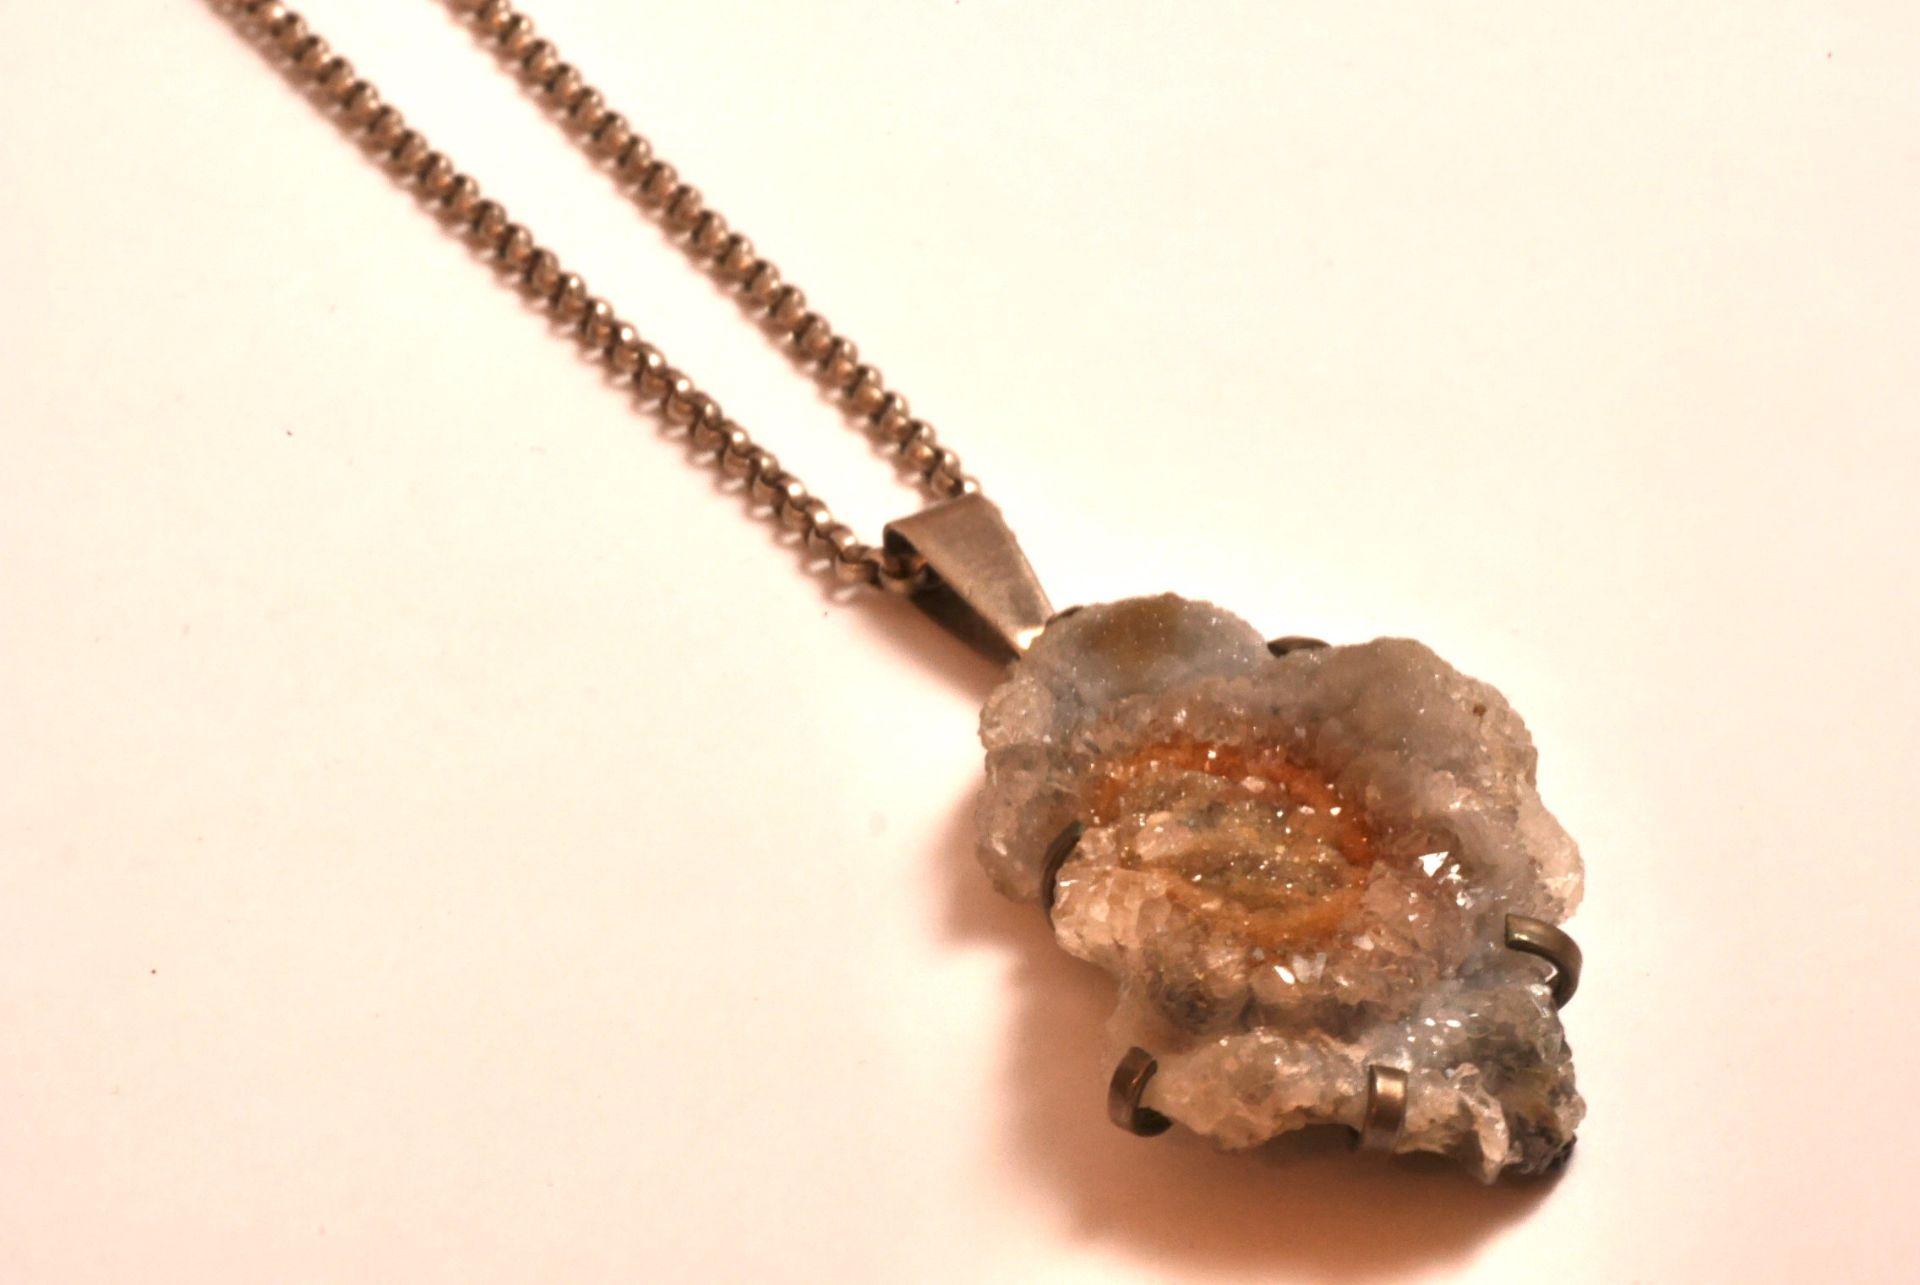 Tracht: Halskette Silber 835, mit Anhänger Gestein - Bild 3 aus 4